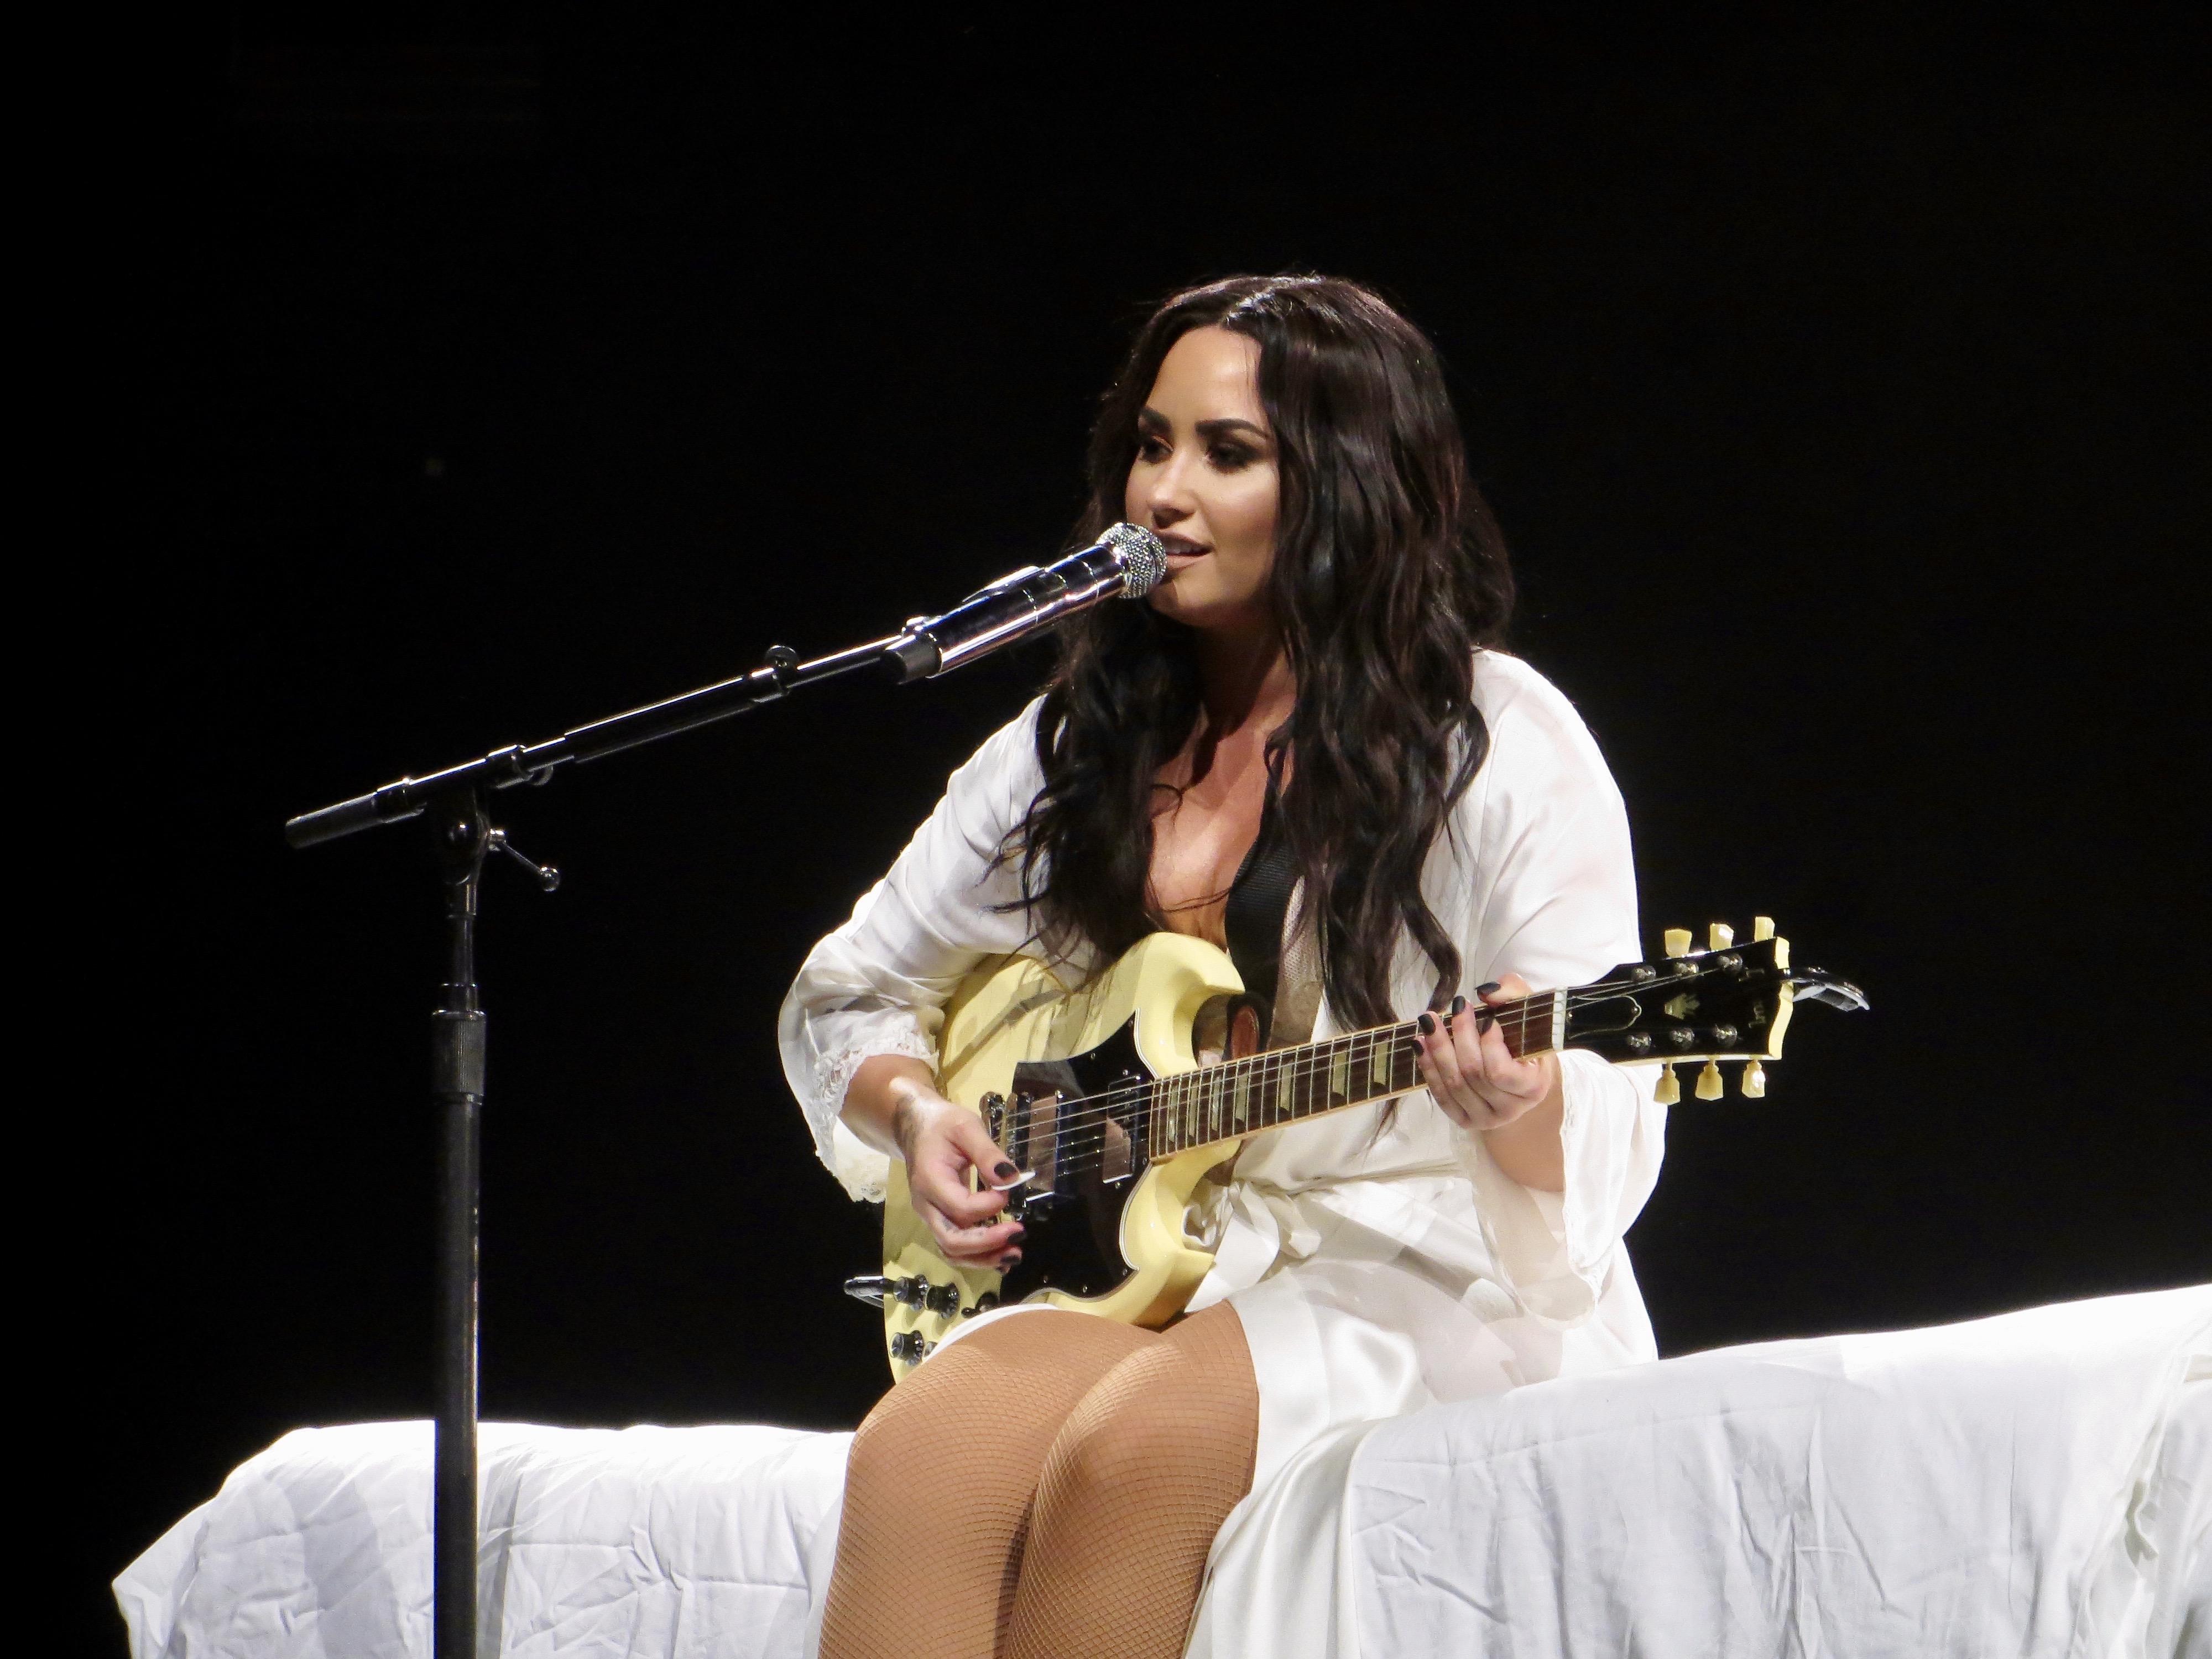 Demi Lovato photo #109804, Demi Lovato image